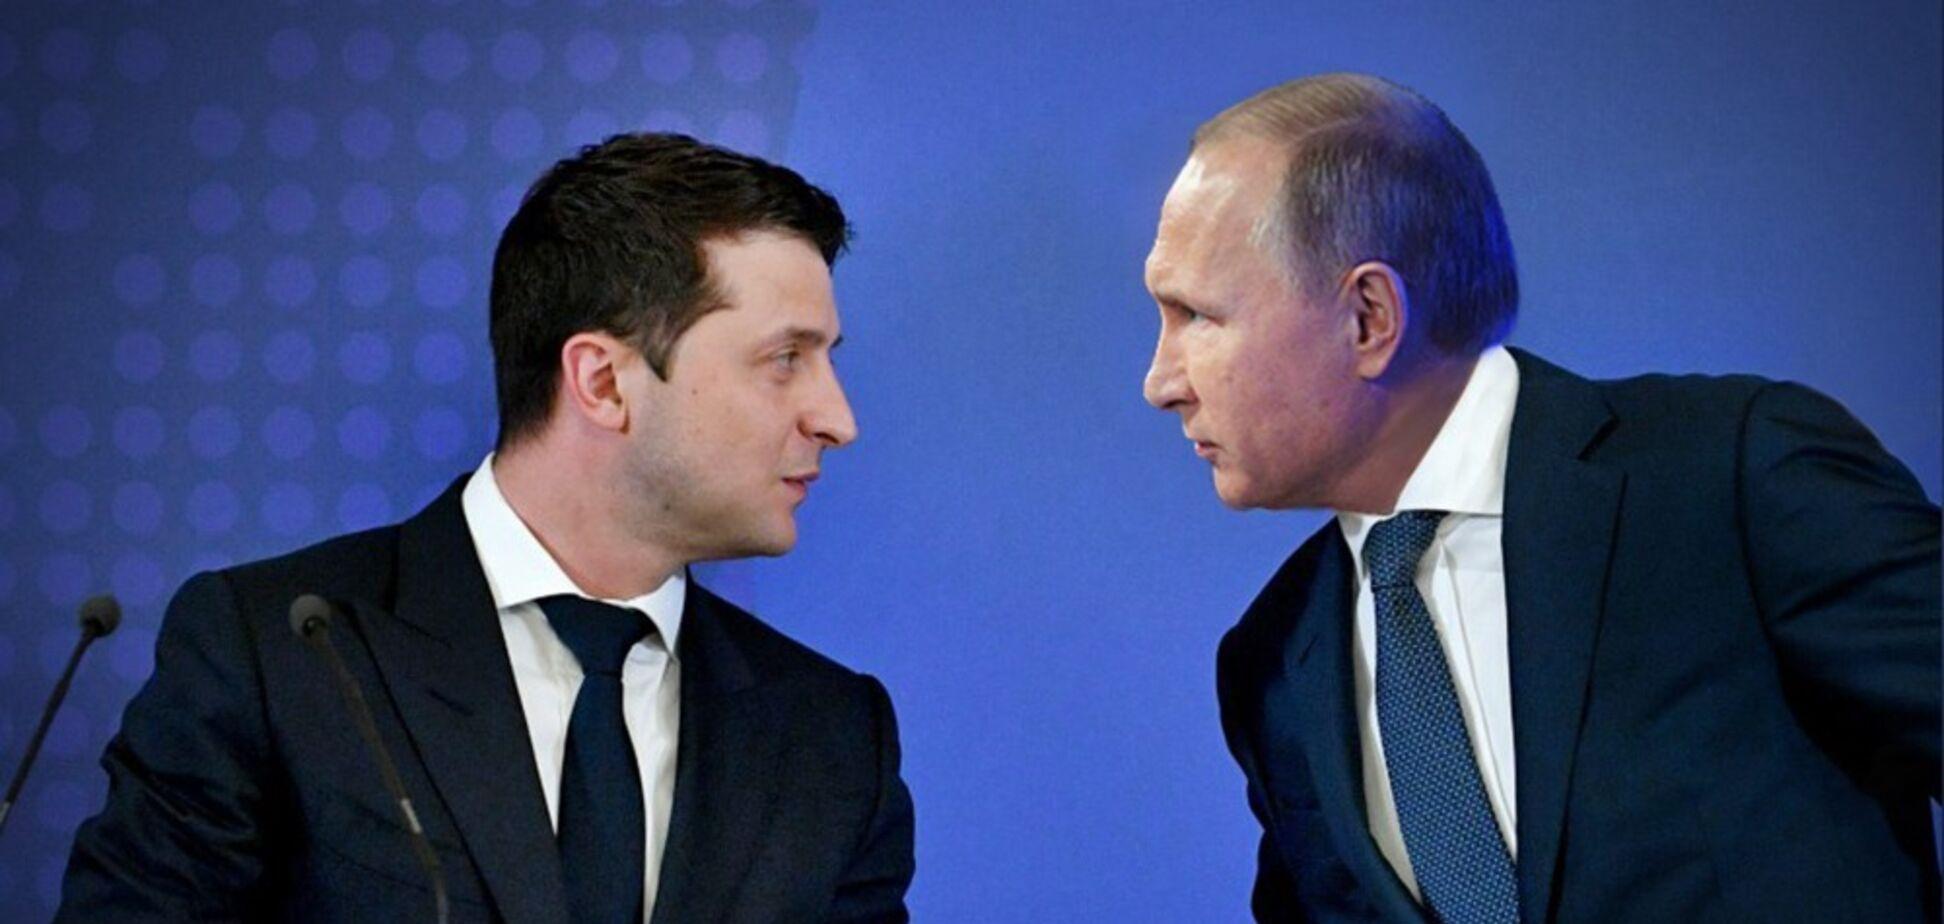 У Путіна заявили про 'ефективний контакт' із Зеленським